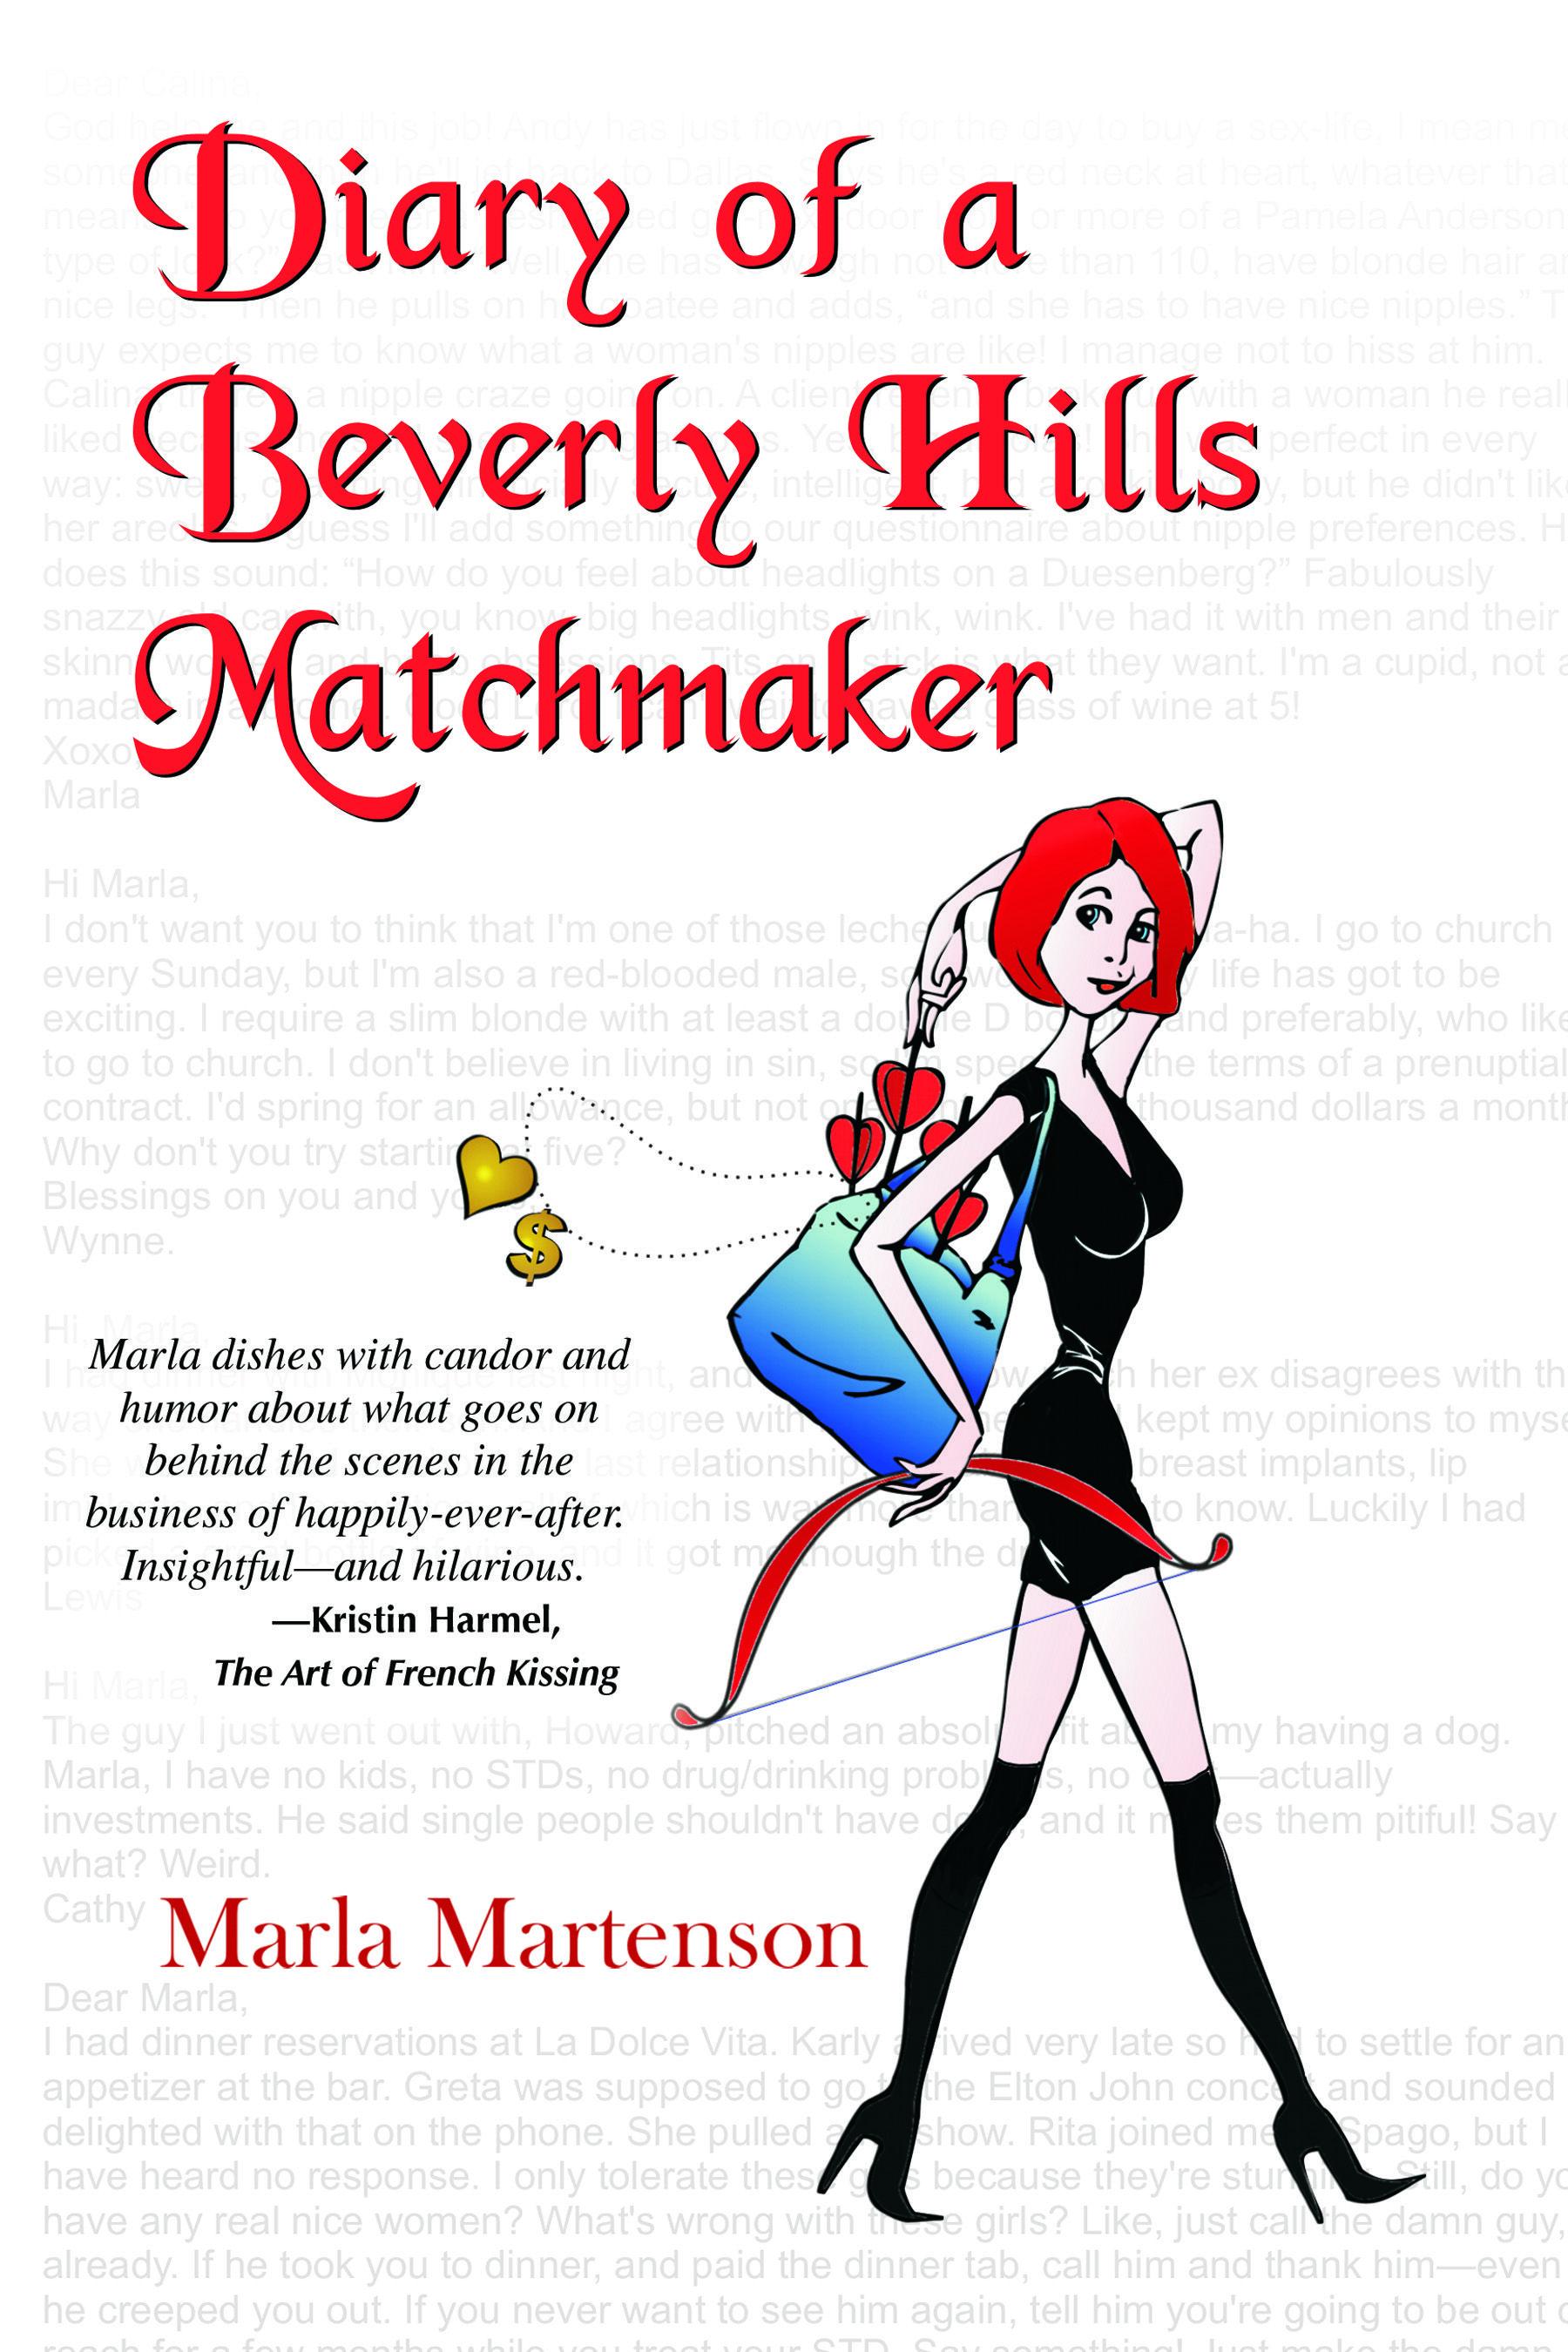 Is genius real matchmaker online it It's Got